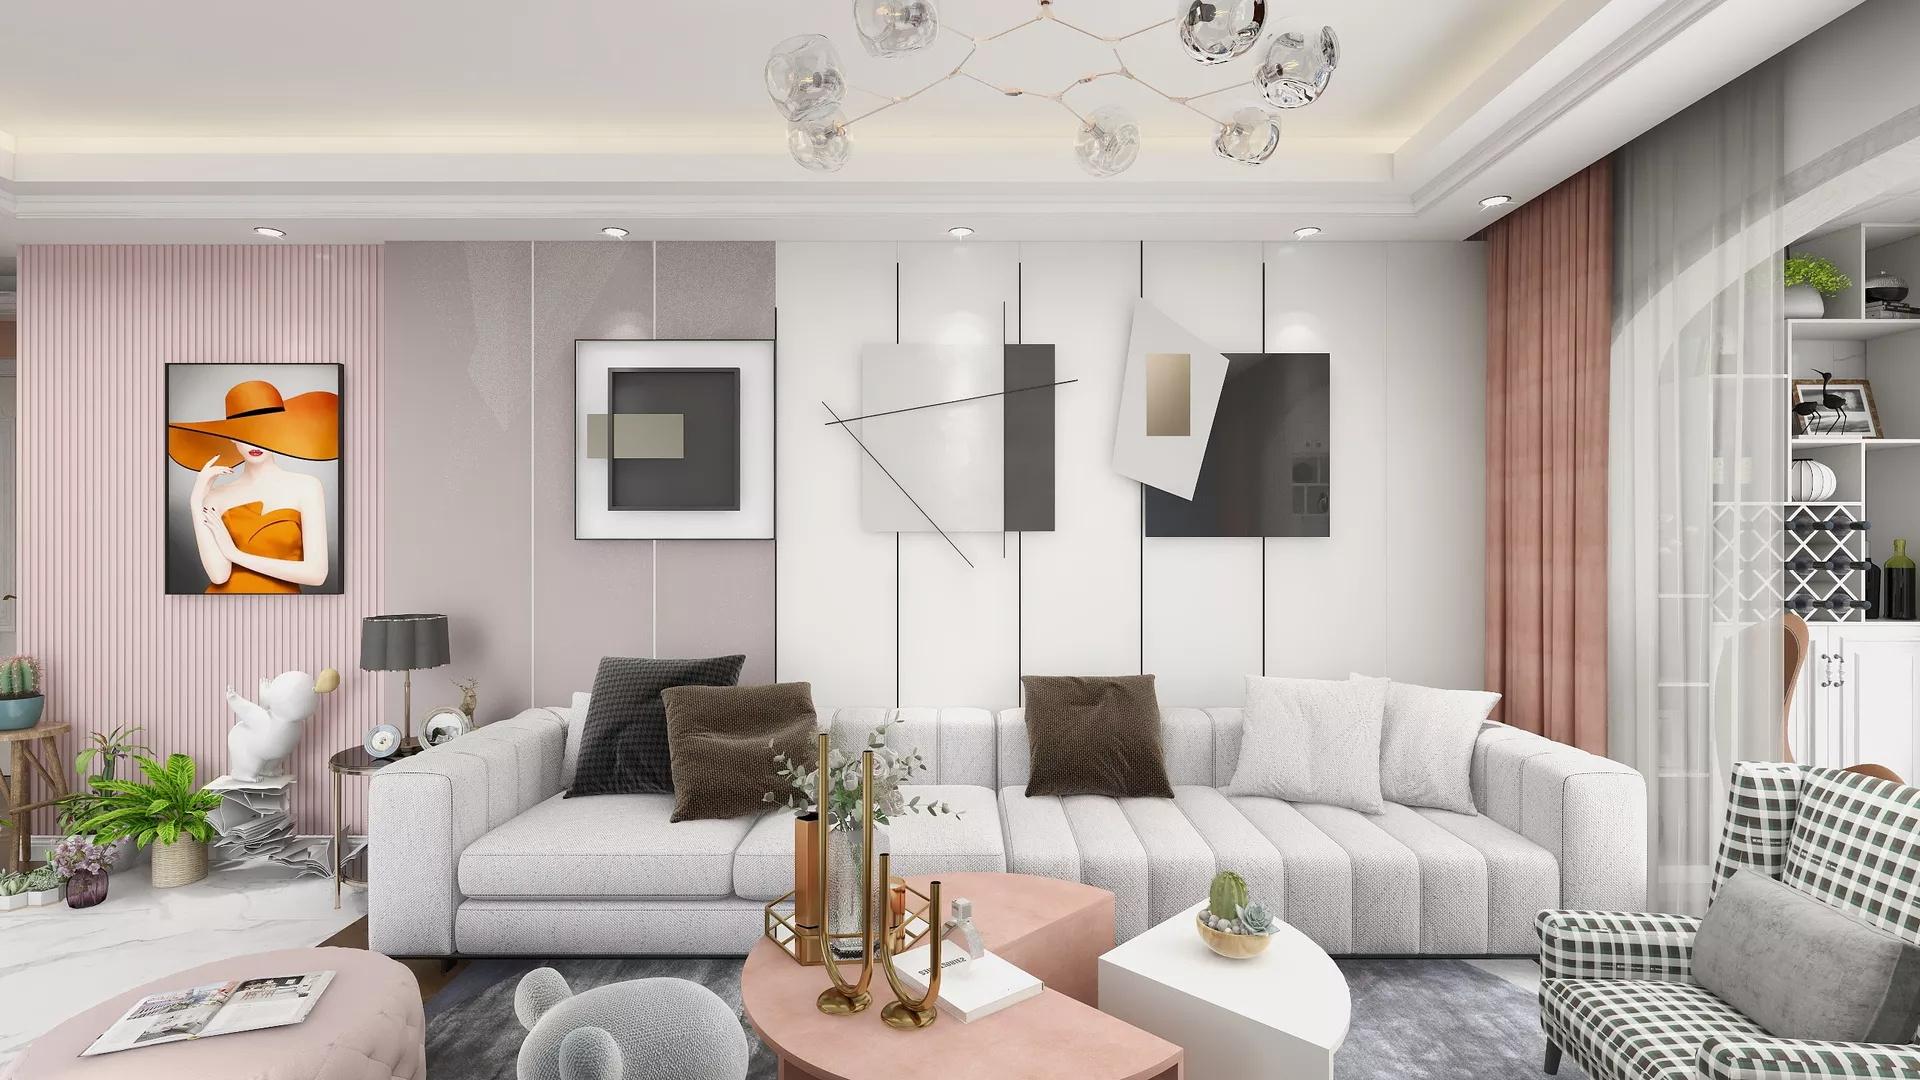 家居裝飾家具擺放風水要點 家具擺放注意的細節